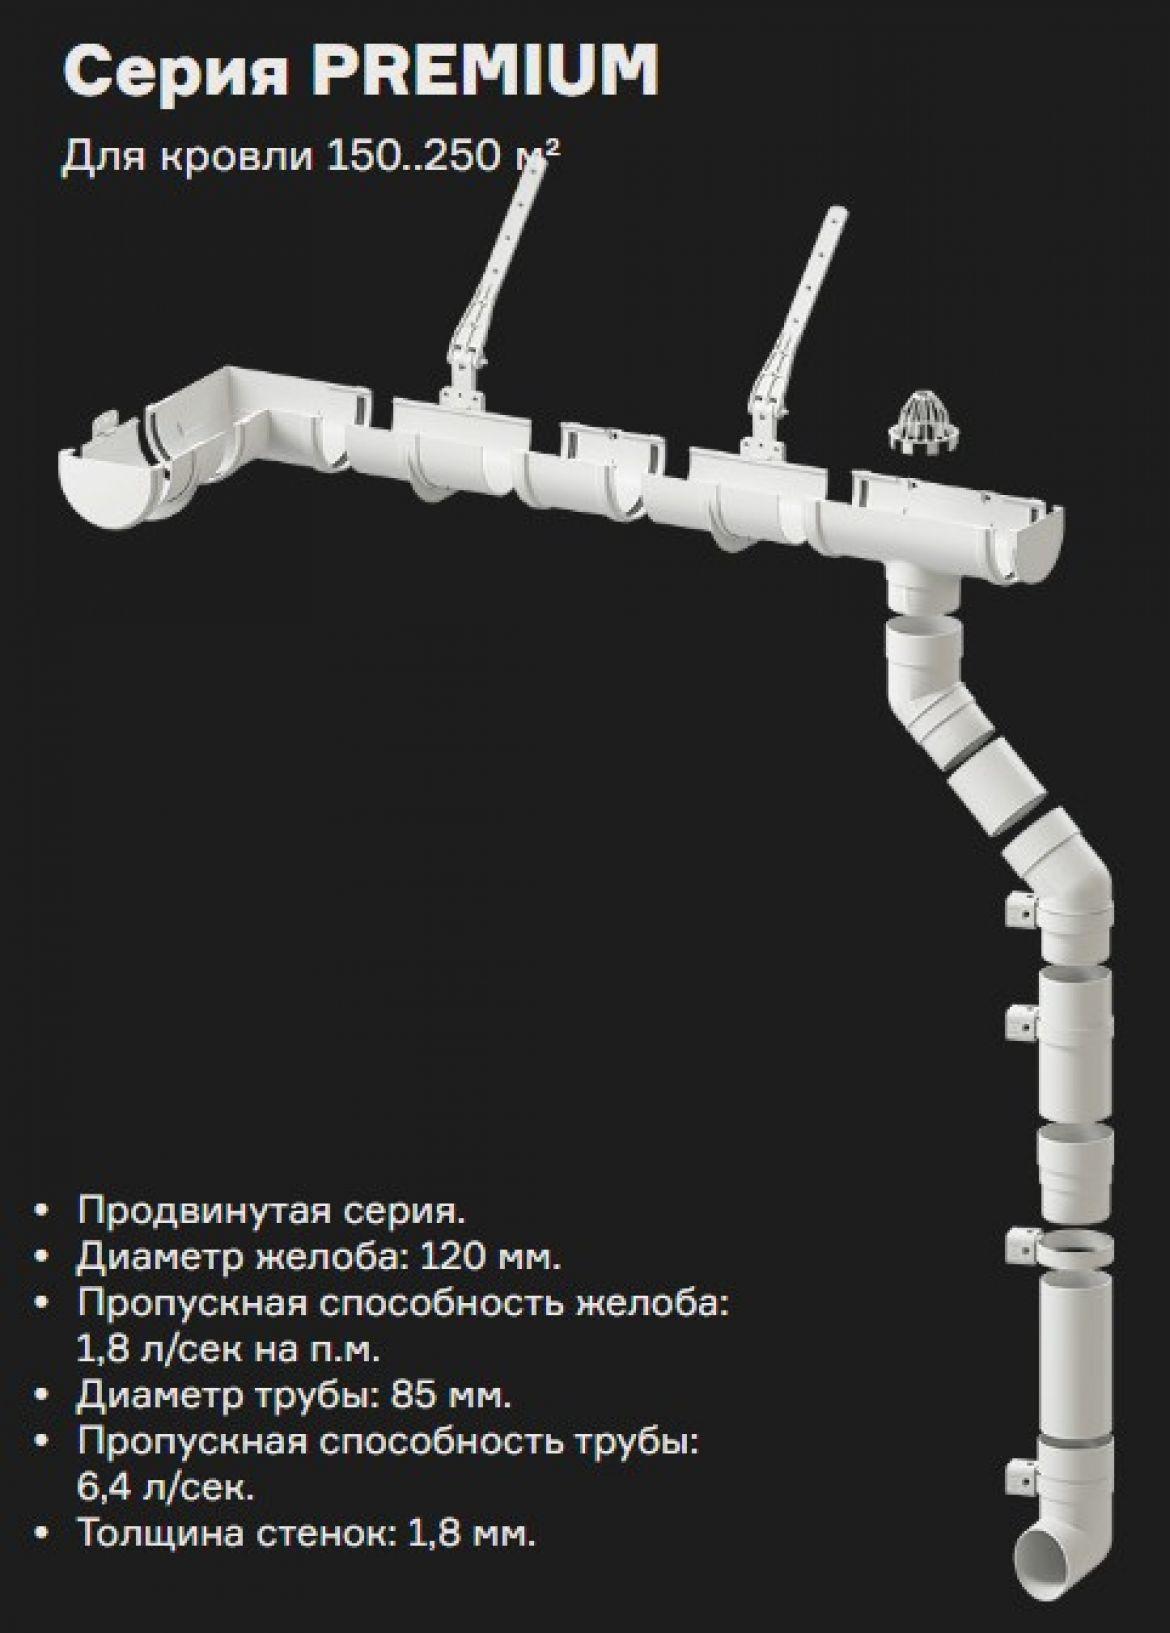 Водосточные системы круглые Premium